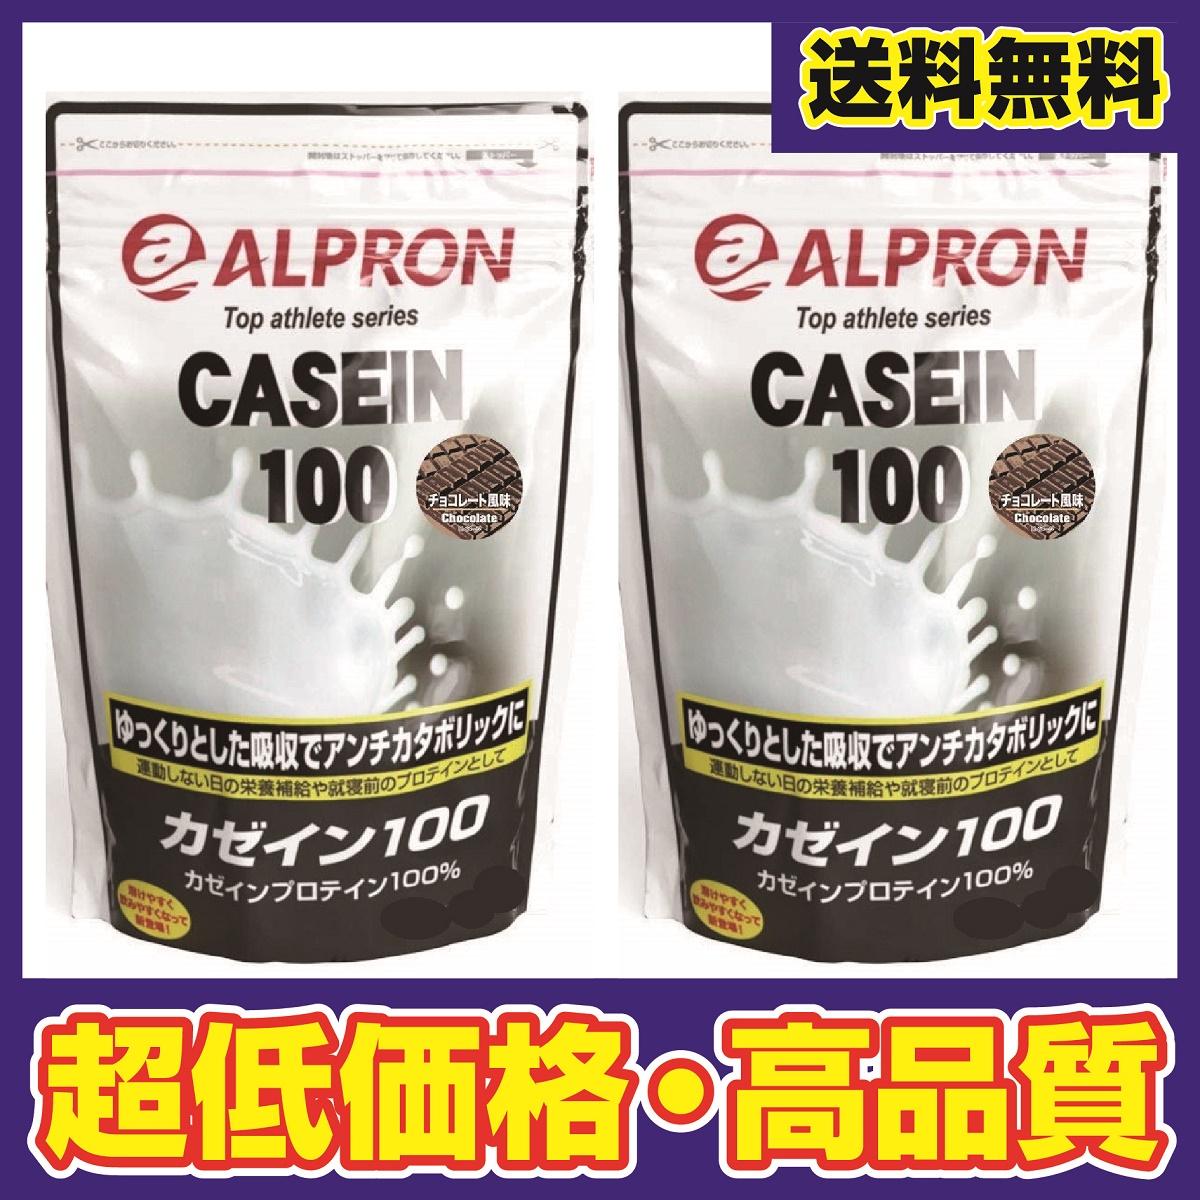 【2袋セット】【送料無料】アルプロン -ALPRON- カゼイン プロテイン100 チョコレート (3kg×2 計6キロ)